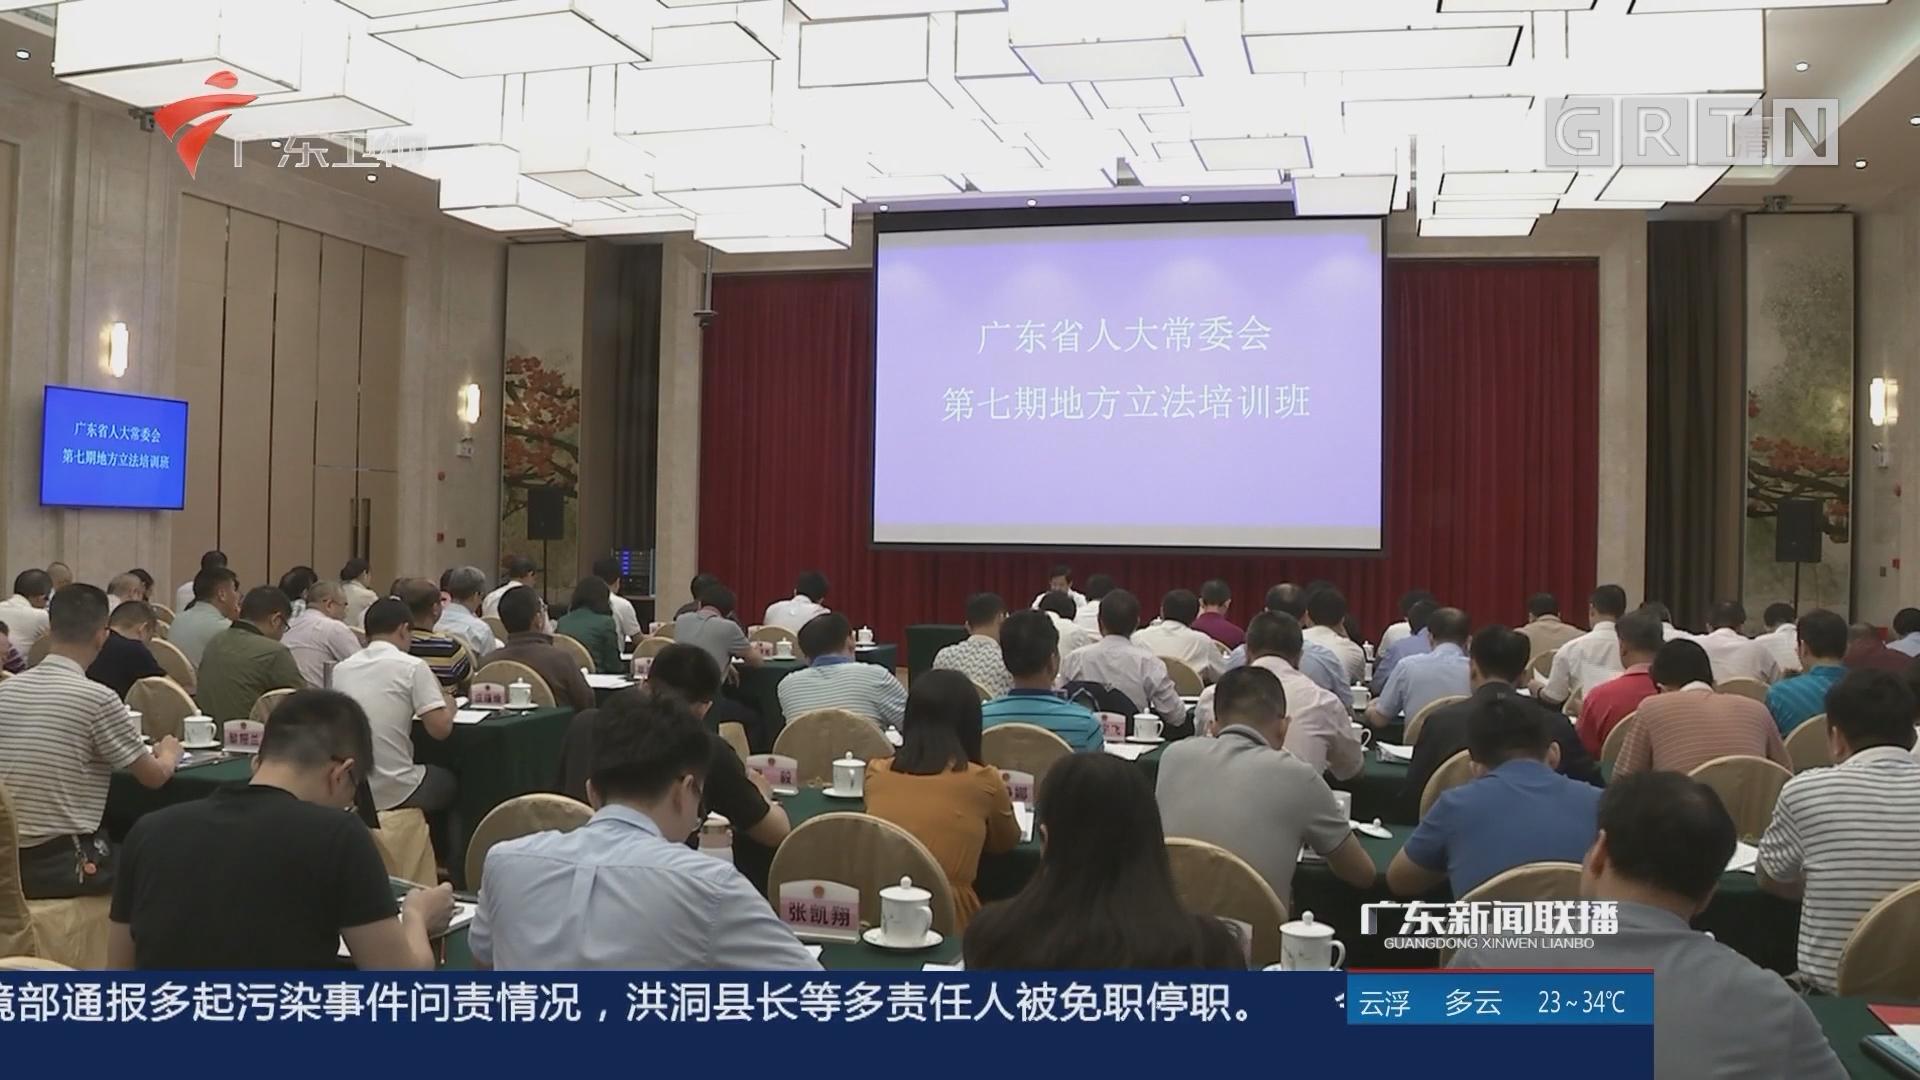 广东省人大常委会举办第七期地方立法工作培训班